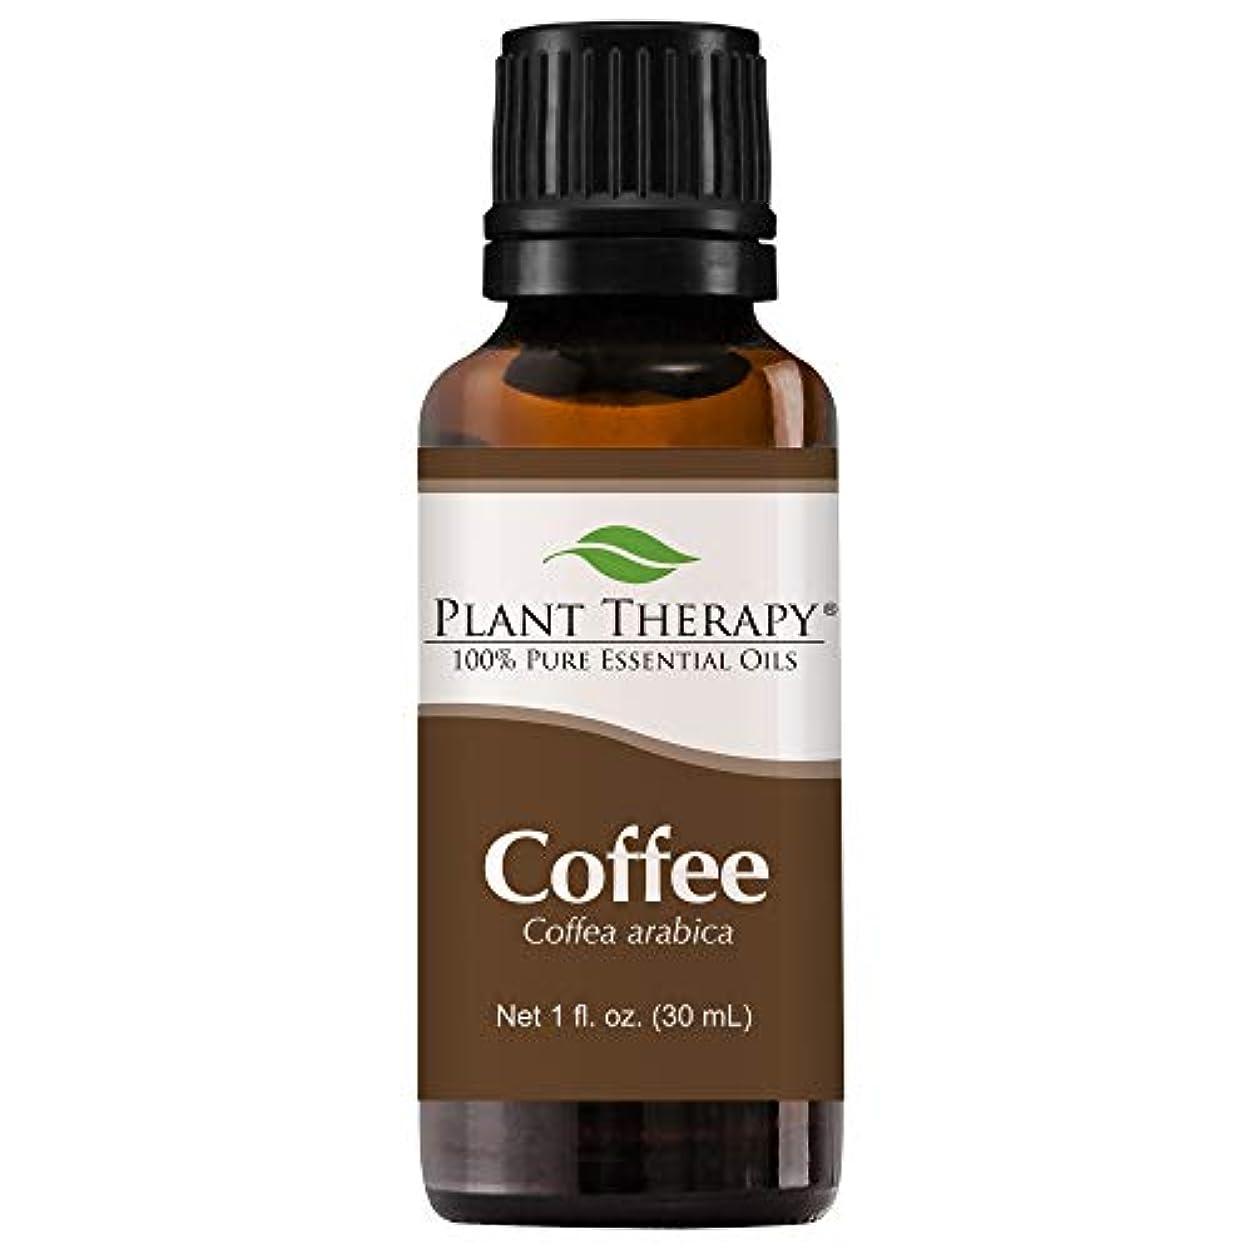 探す手がかり感嘆Coffee Essential Oil. 30 ml (1 oz). 100% Pure, Undiluted, Therapeutic Grade. by Plant Therapy Essential Oils